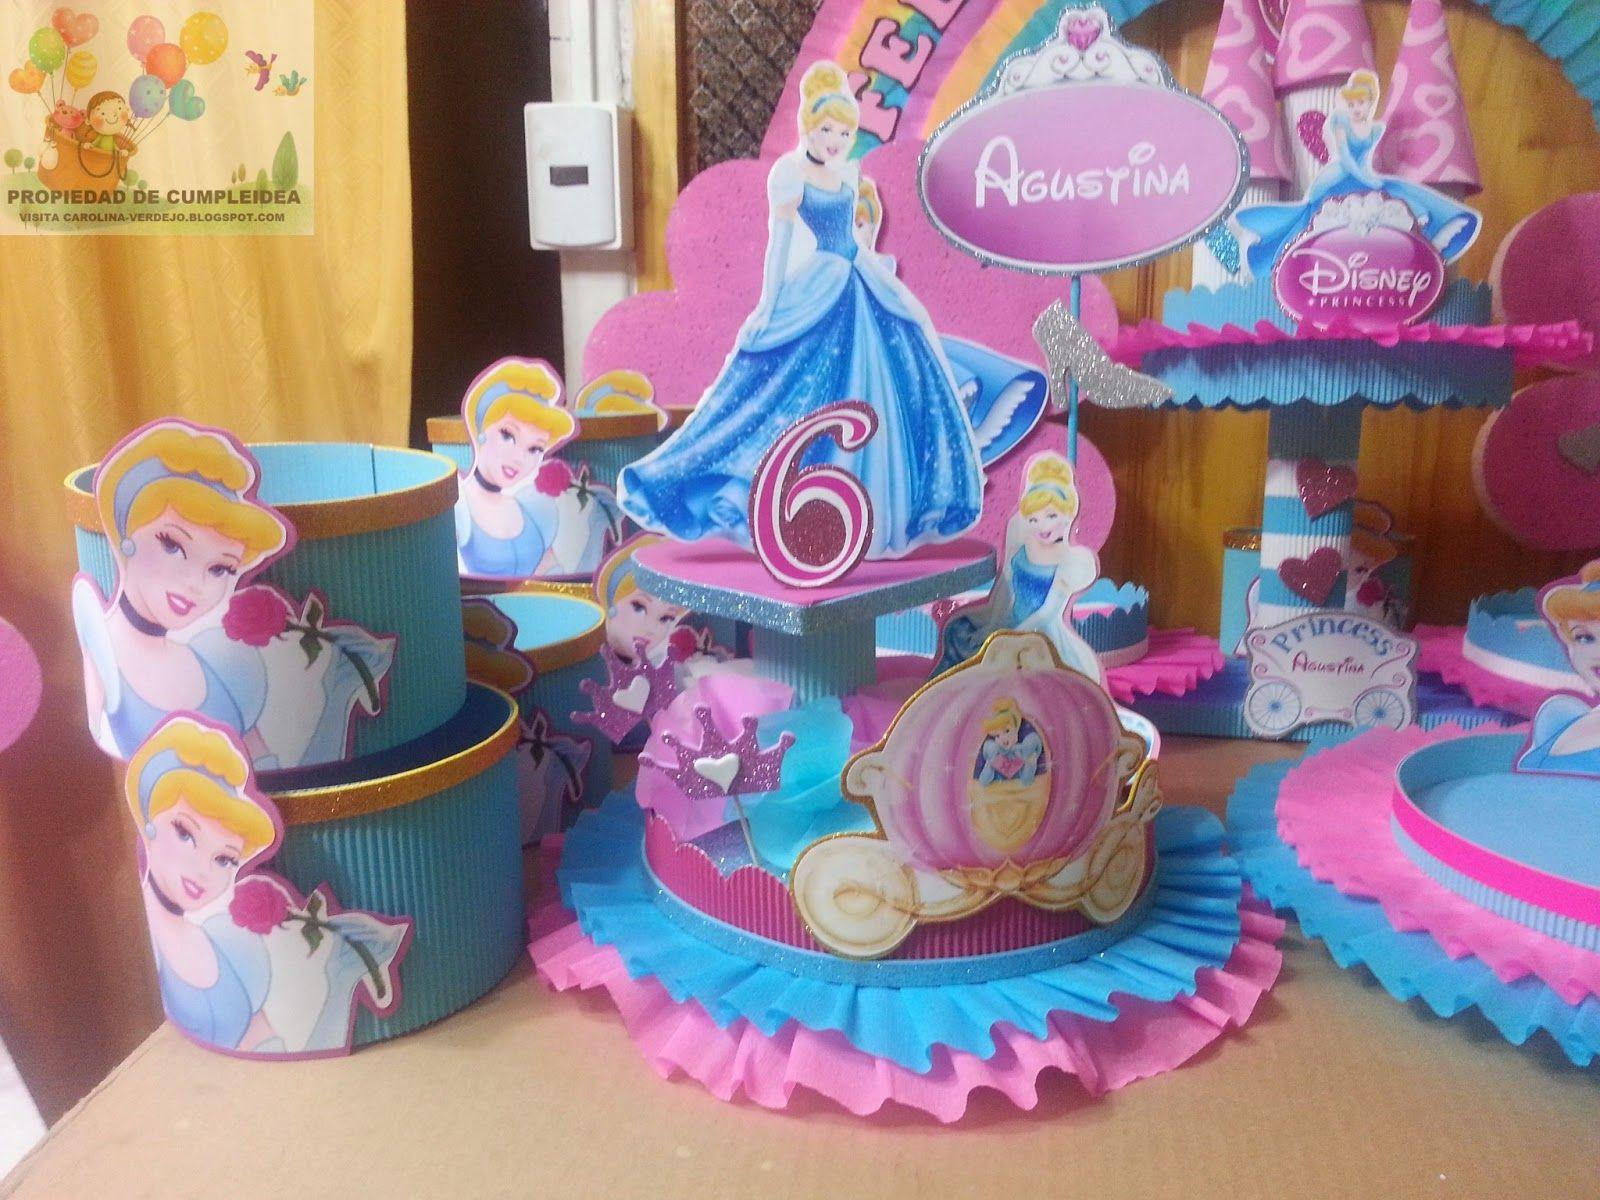 Carolina verdejo decoraciones infantiles google search - Fiestas infantiles princesas disney ...